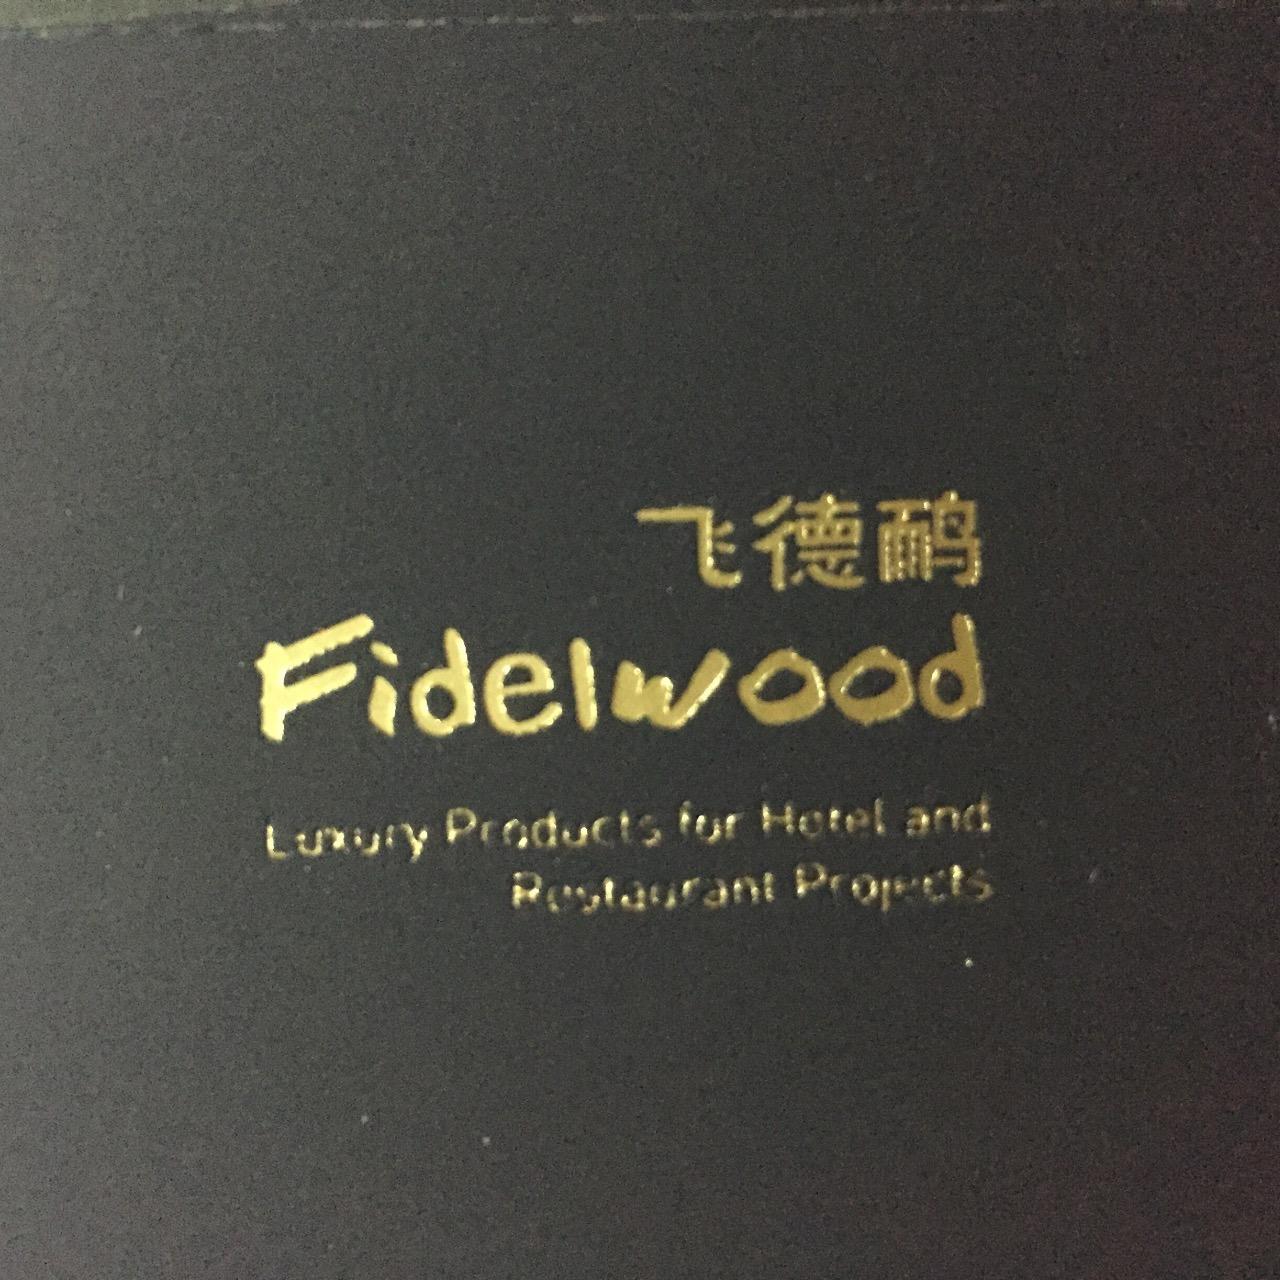 上海飞德鸸木制品有限公司 最新采购和商业信息